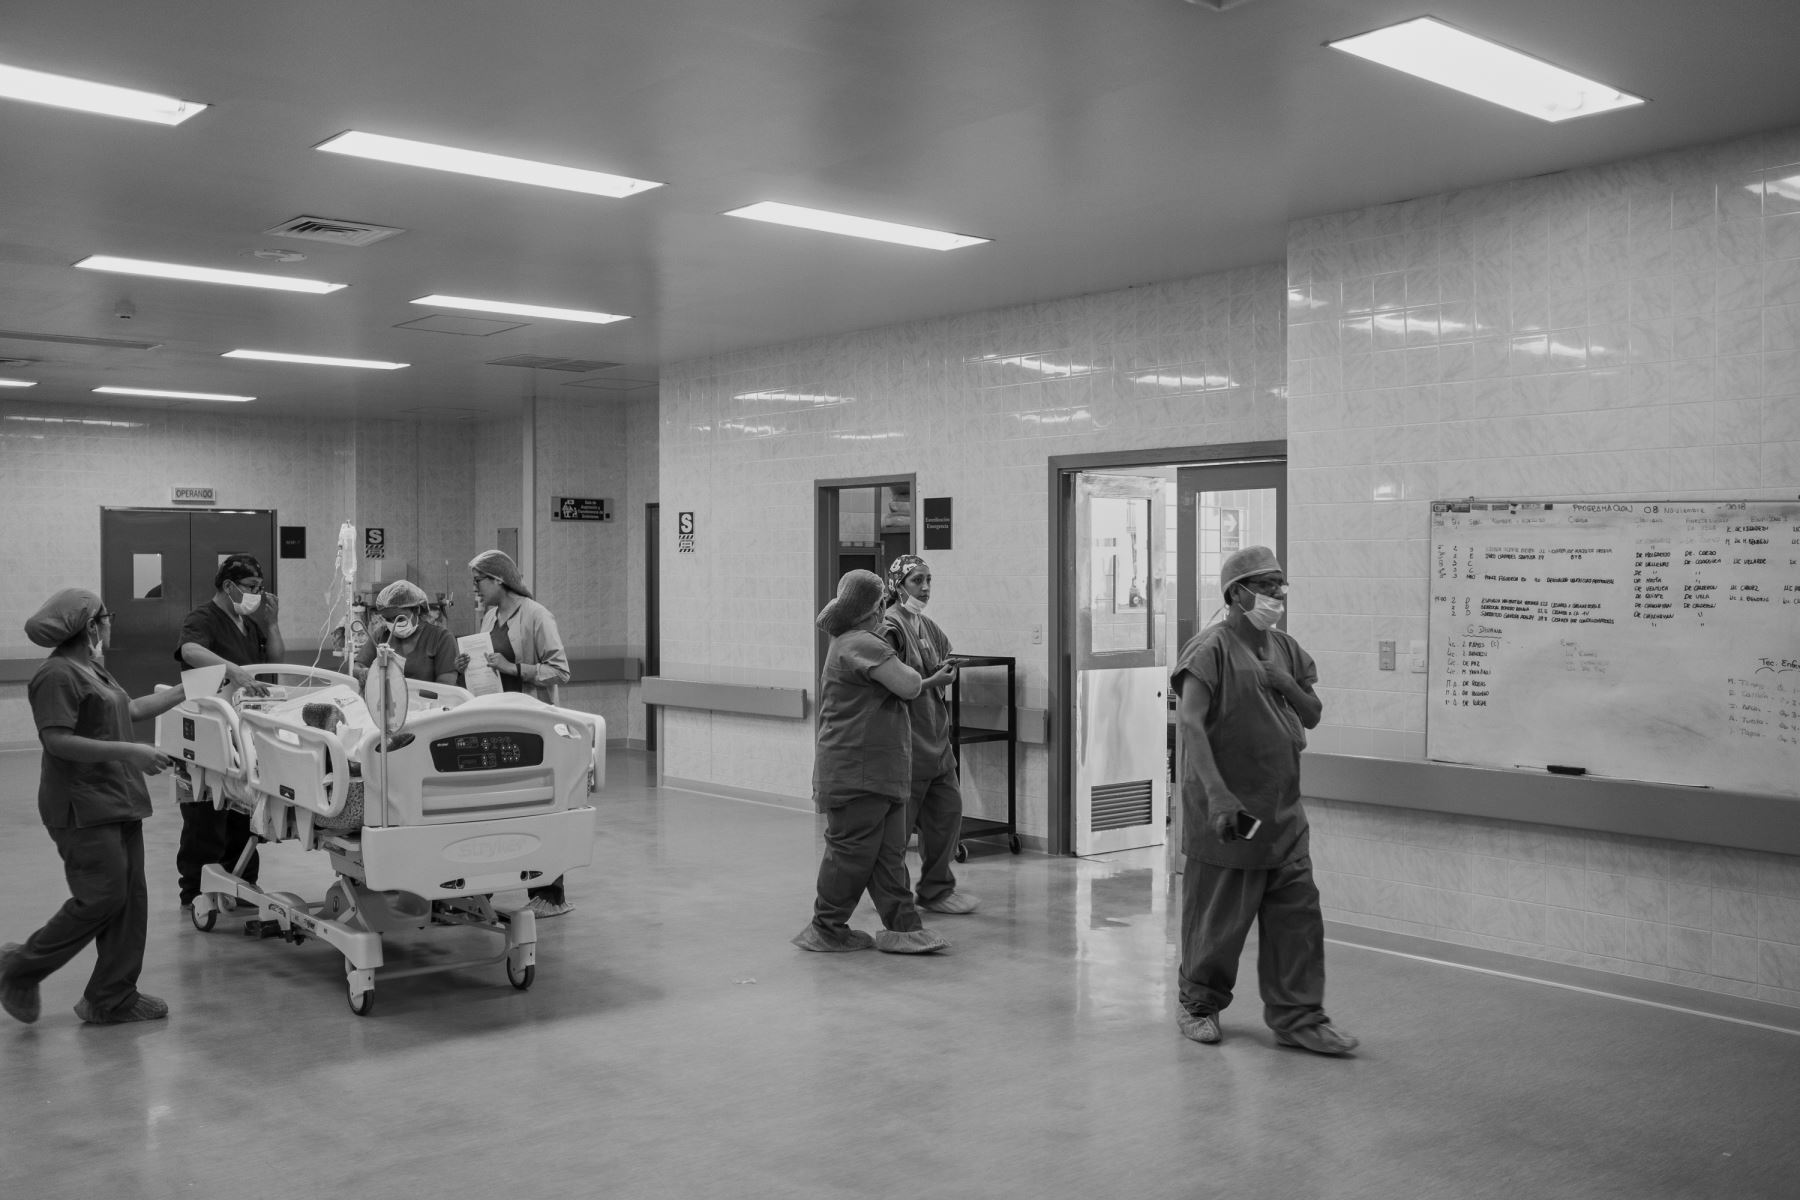 La paciente es llevada en estado consciente a la unidad de cuidados intensivos donde será monitoreada las próximas 24 horas. Luego pasará a la unidad de hospitalización donde permanecerá 4 días antes de darle de alta. Foto: Ministerio de Salud / Miguel Mejía